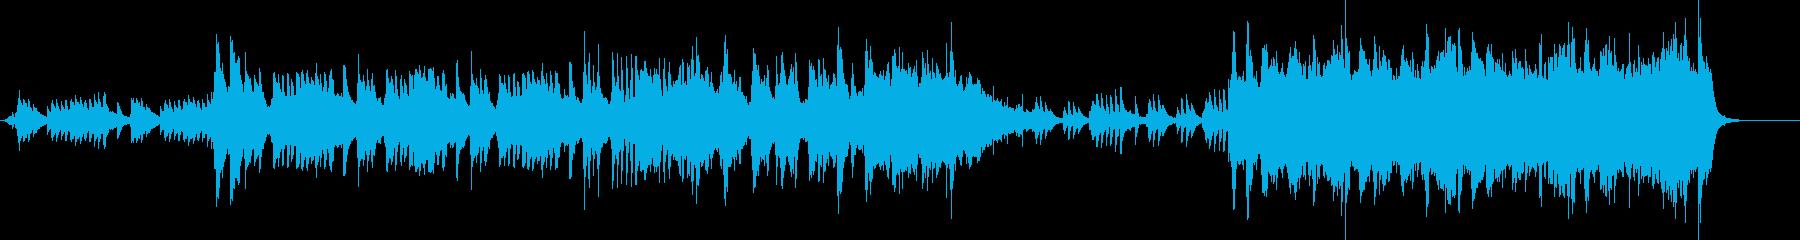 切ない雰囲気のクラシックインストの再生済みの波形